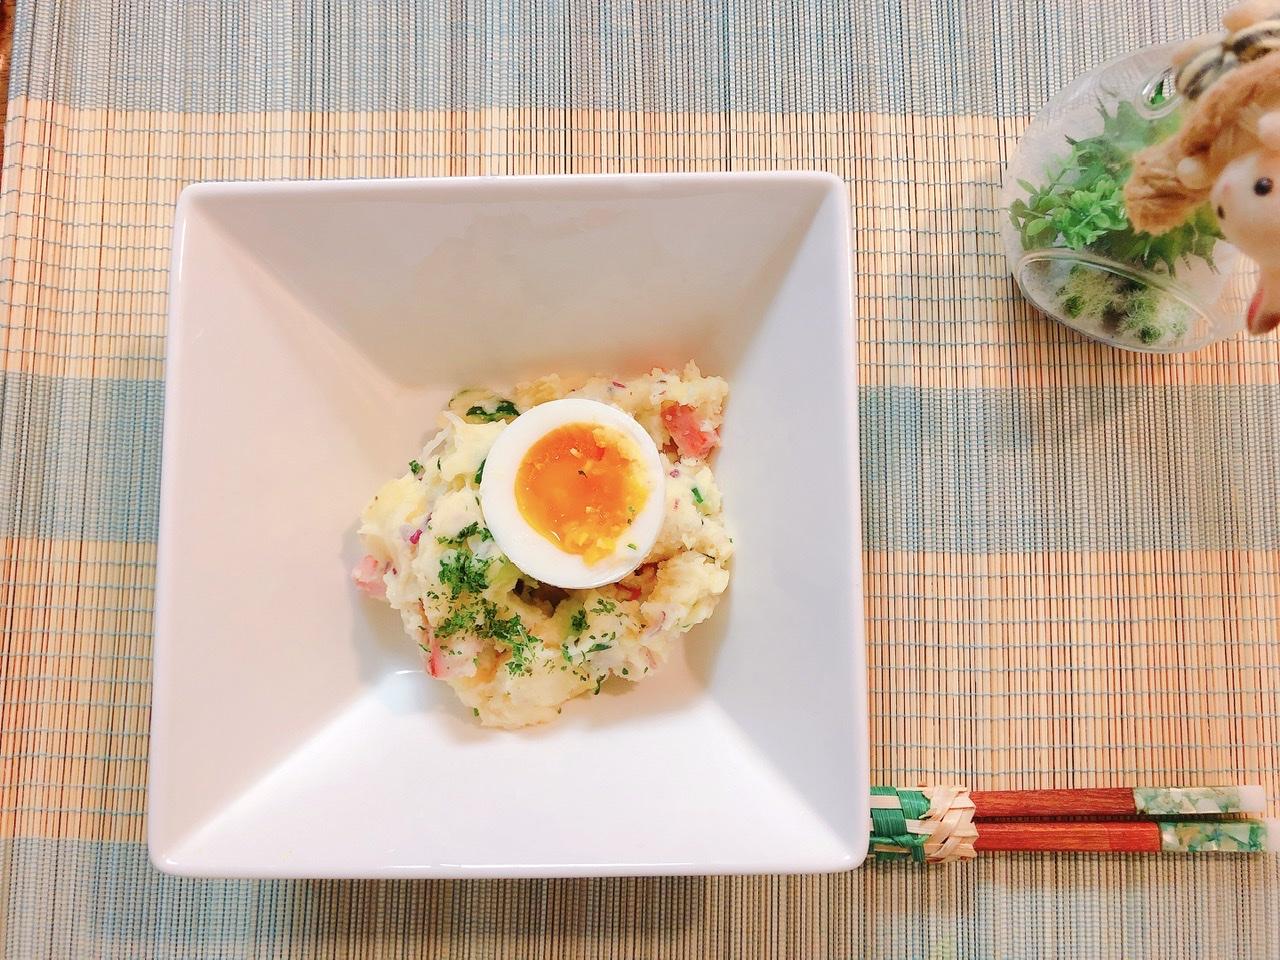 「【3月のライオン】あかりのポテトサラダを作ってみた!」のアイキャッチ画像